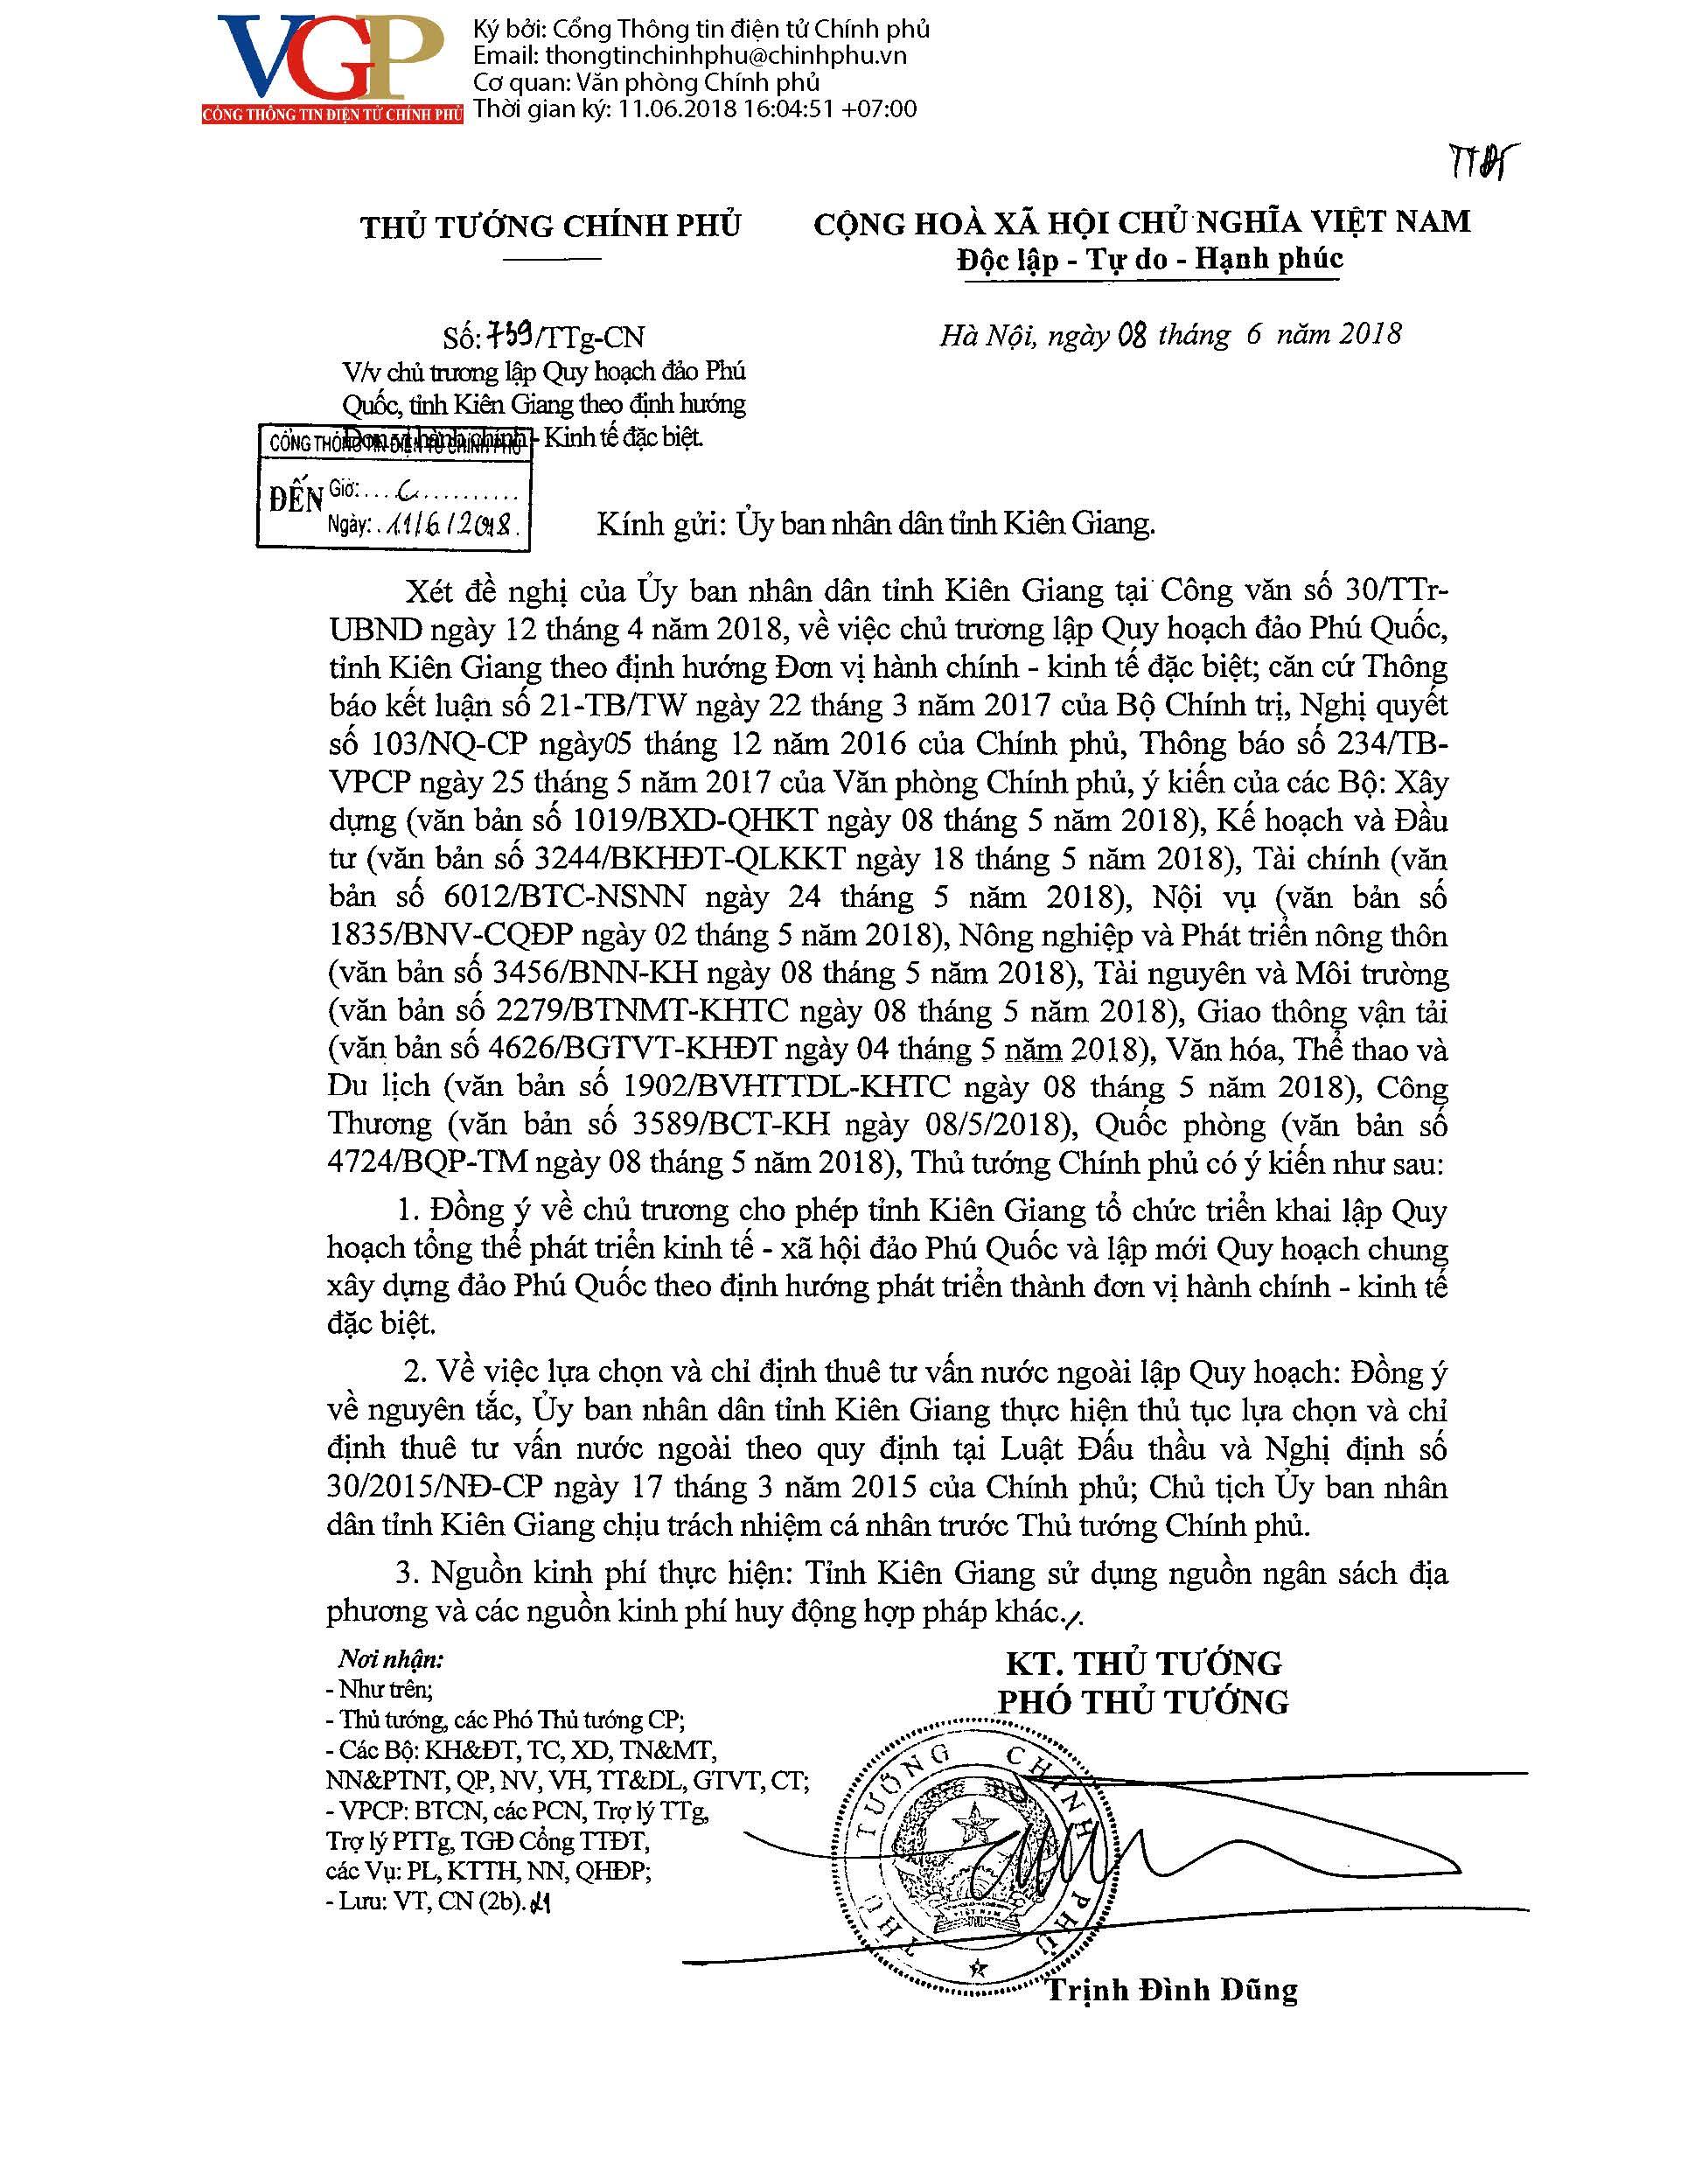 Công văn số 739TTg-CN của Thủ tướng Chính phủ Vv chủ trương lập Quy hoạch đảo Phú Quốc, tỉnh Kiên Giang theo định hướng Đơn vị hành chính - Kinh tế đặc biệt